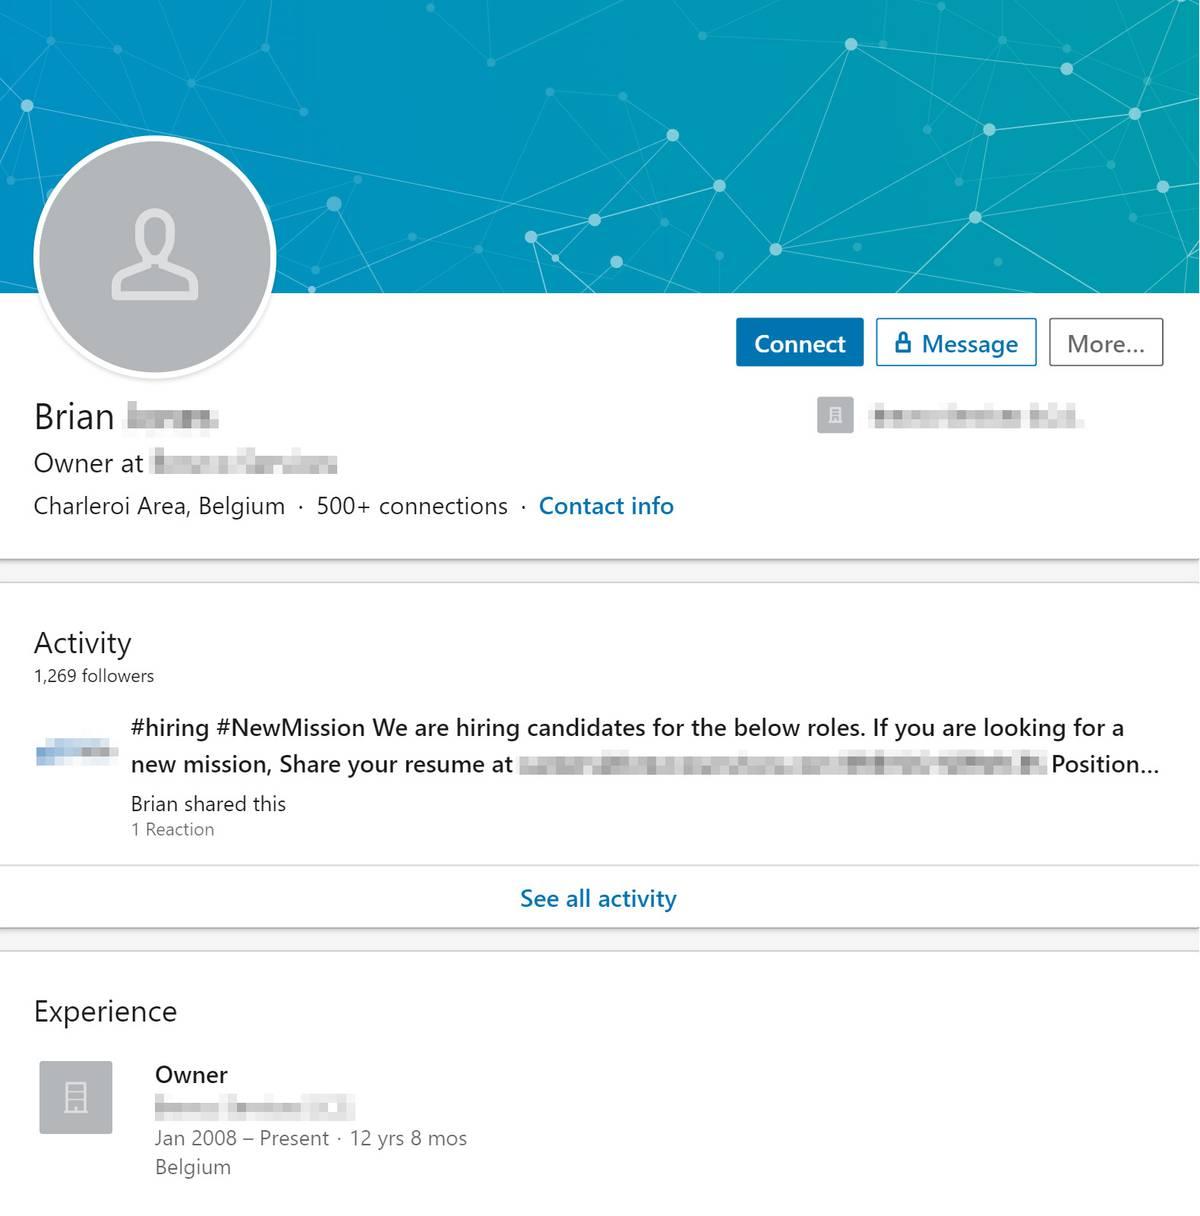 Профиль Брайана: американца, который живет в Бельгии и управляет болгаро-румынской компанией с представительством в Словении. Глобализация — это хорошо, но иногда она прикрывает непорядочных работодателей